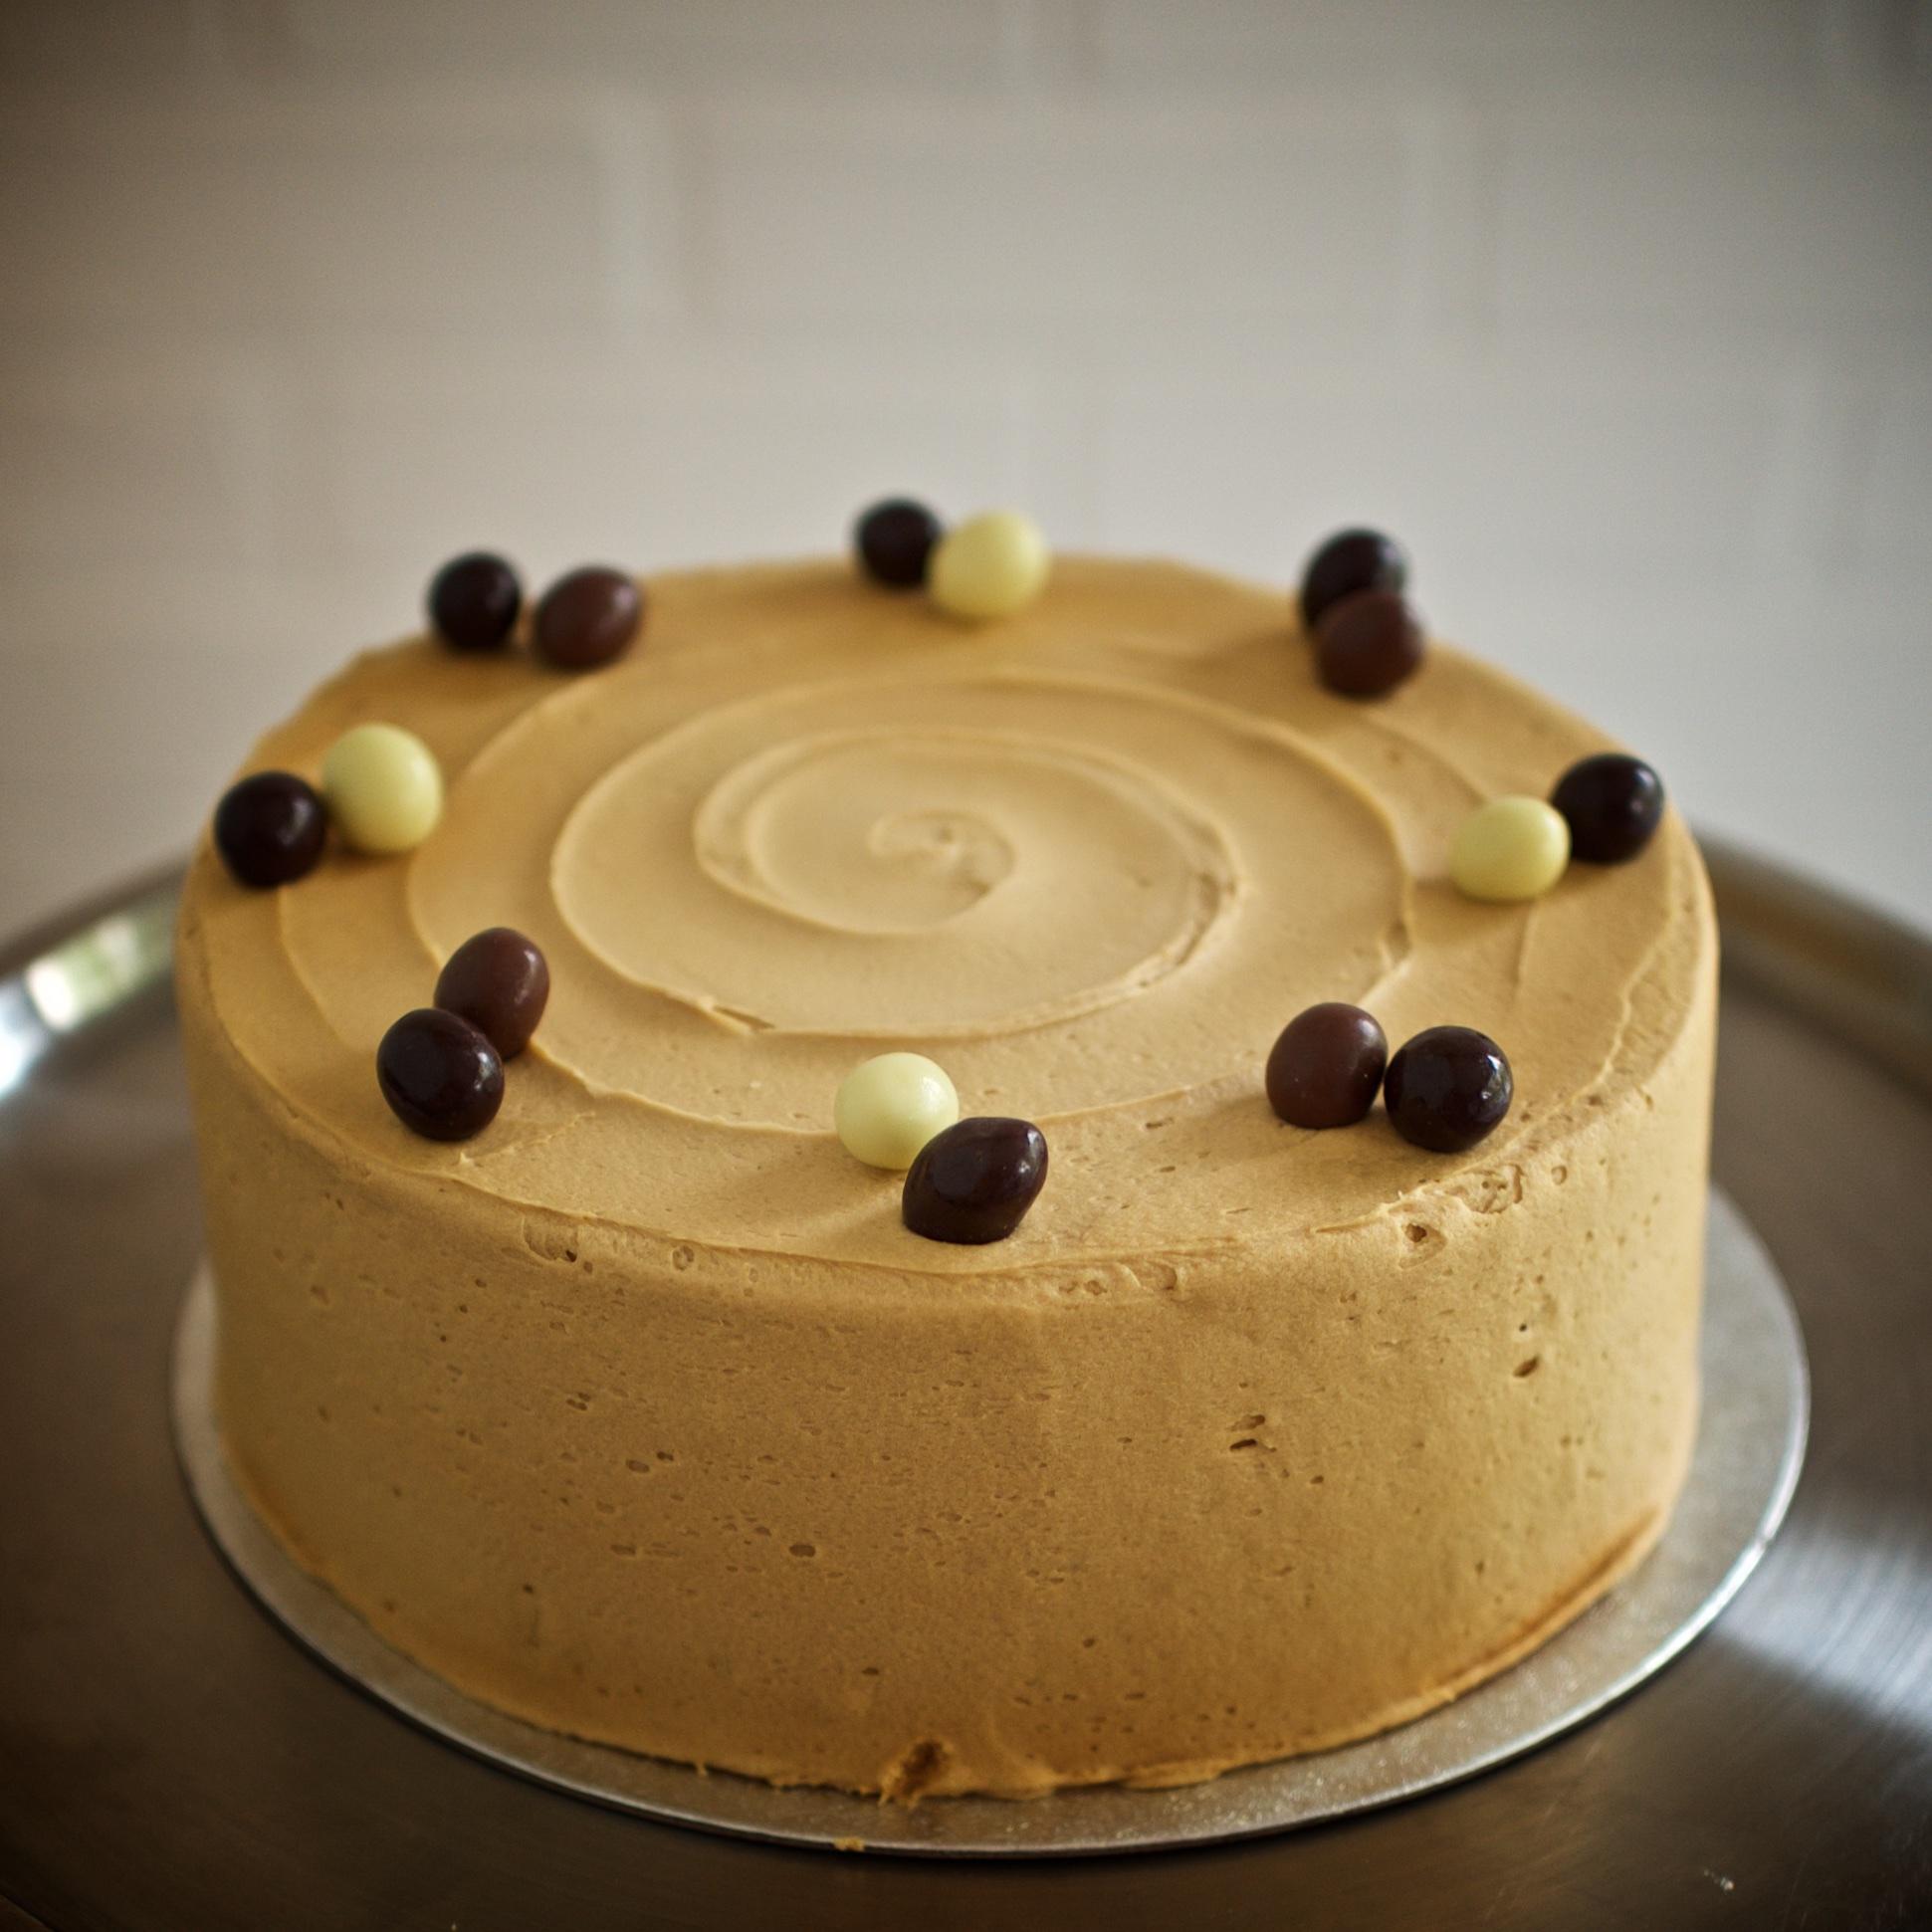 Coffee & Walnut Cake    From £18.00